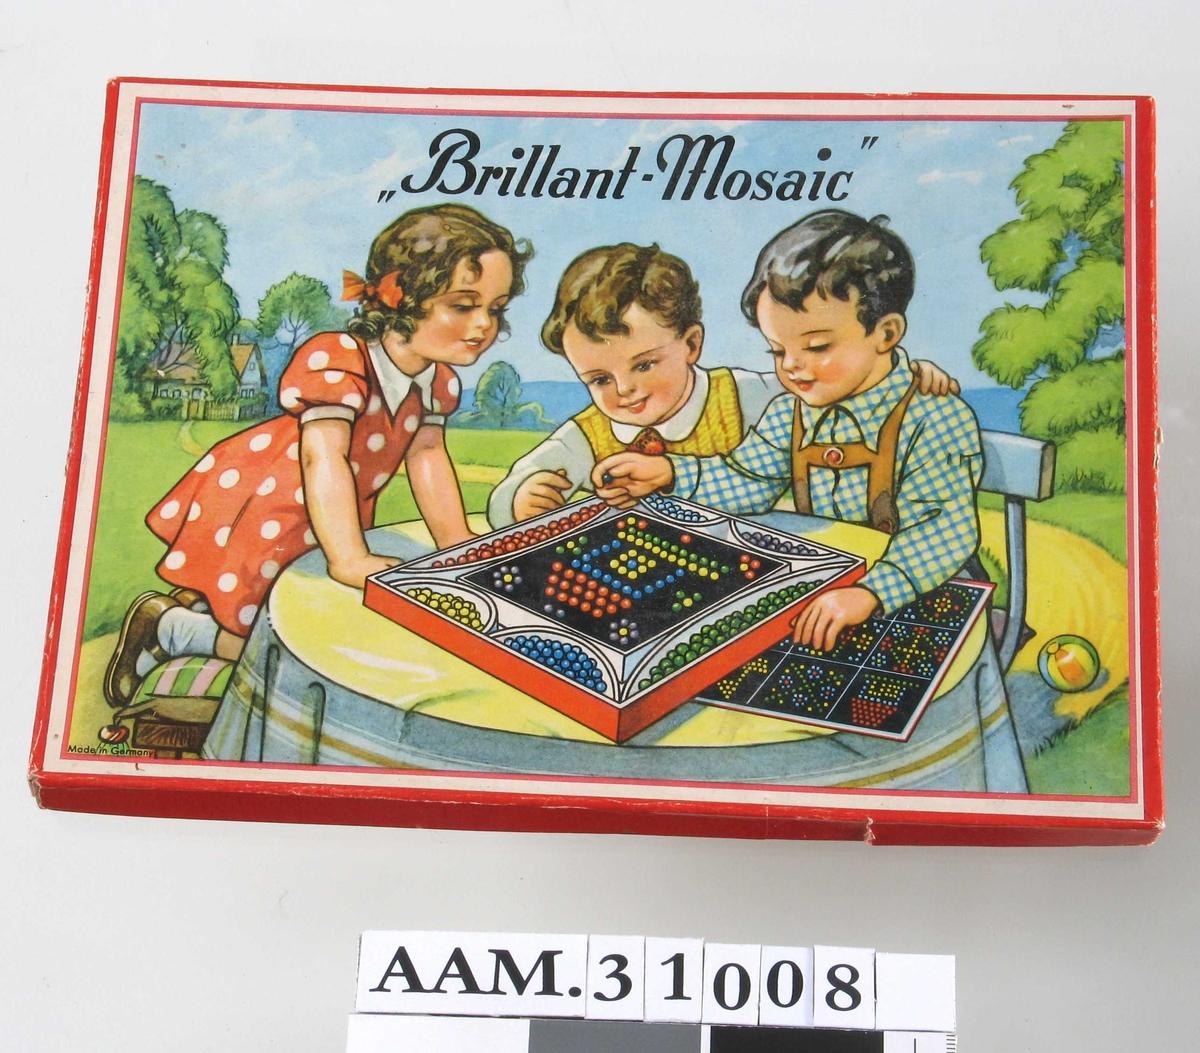 Motiv på esken: 2 gutter og 1 jente ved bord i en hage, leker med liknende spill.